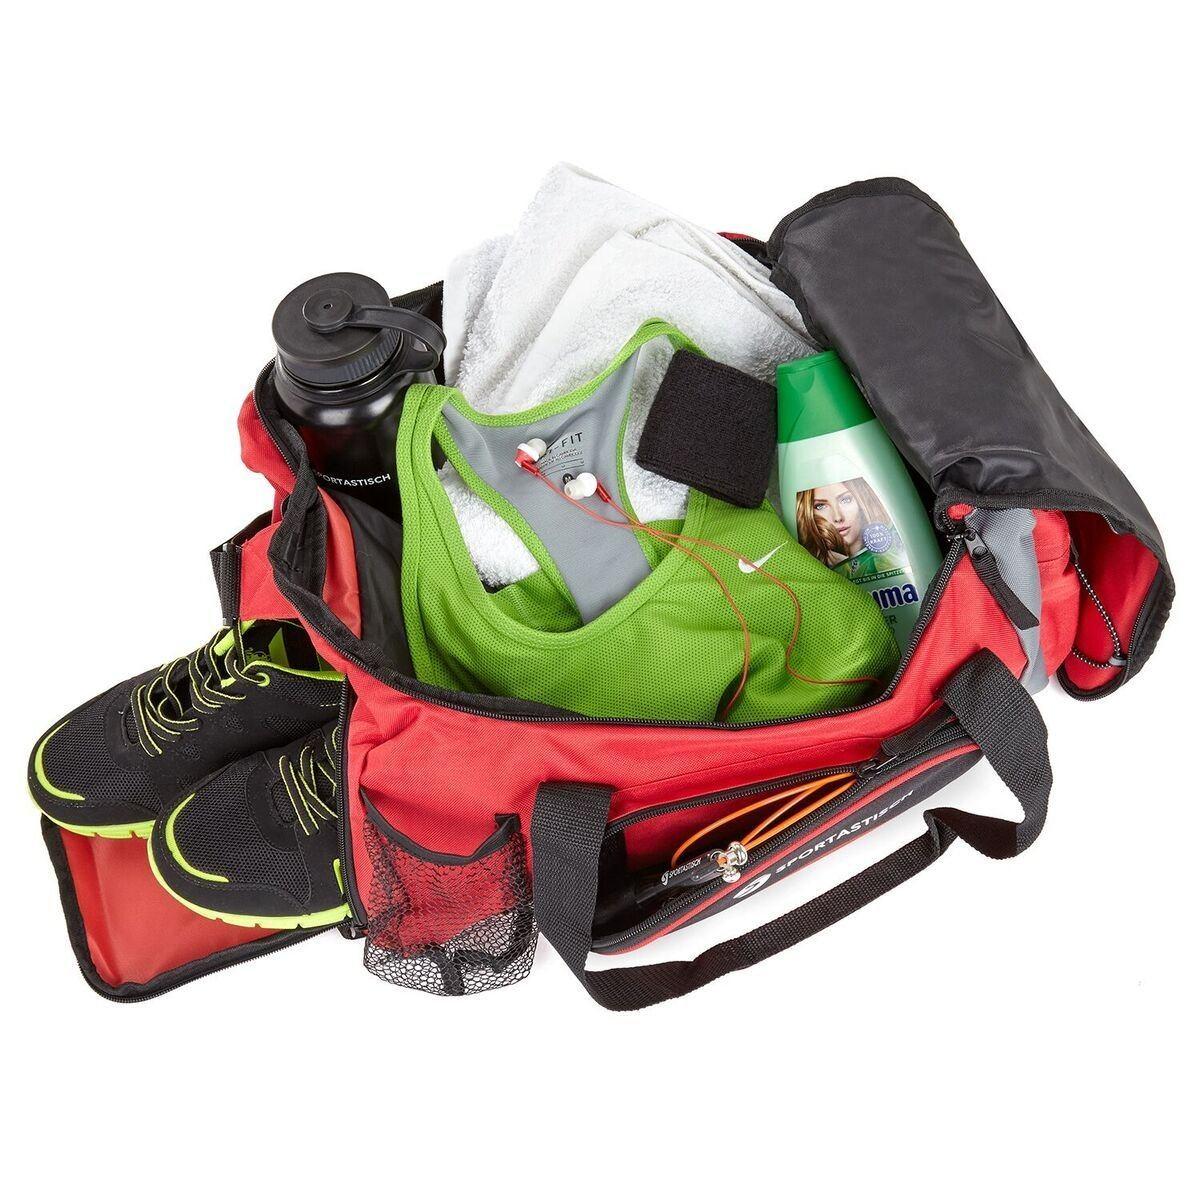 finest selection 67880 aee1a Premium_Sporttasche_Sporty_Bag_von_Sportastisch-sportsachen ...